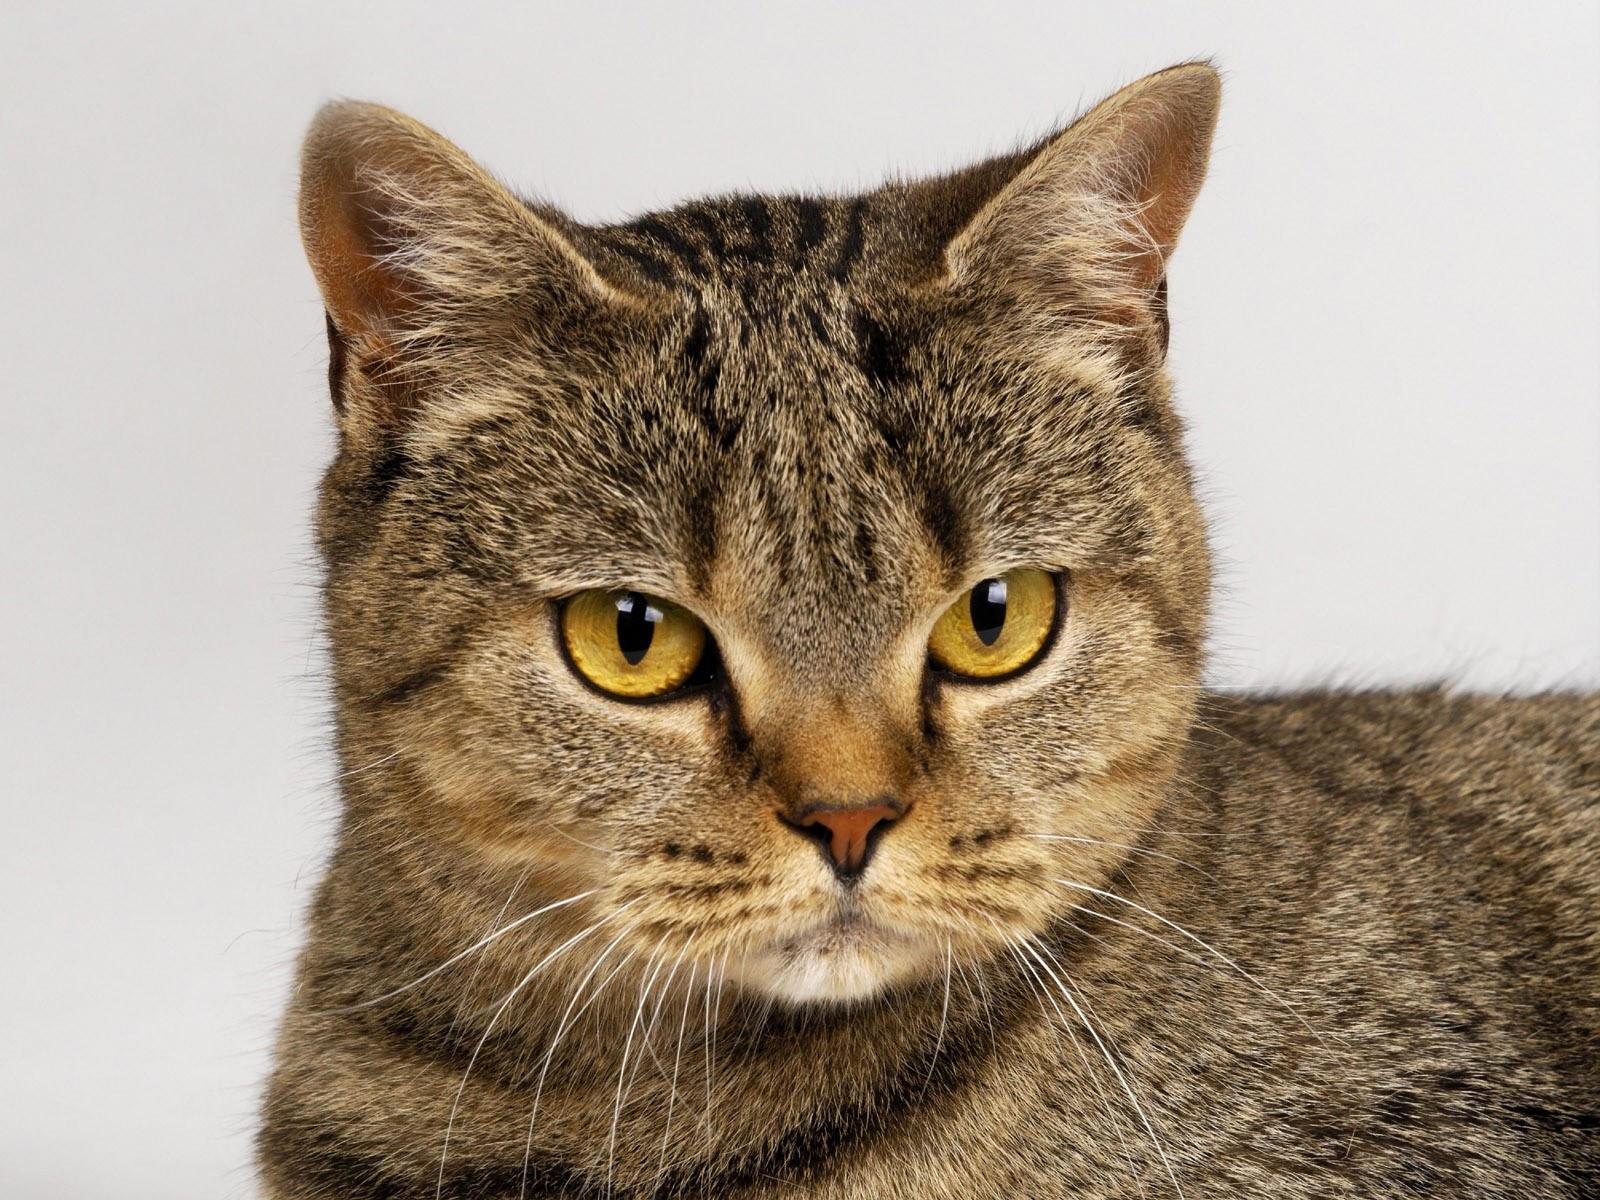 Коты фото красивые коты фото красивые, поздравления